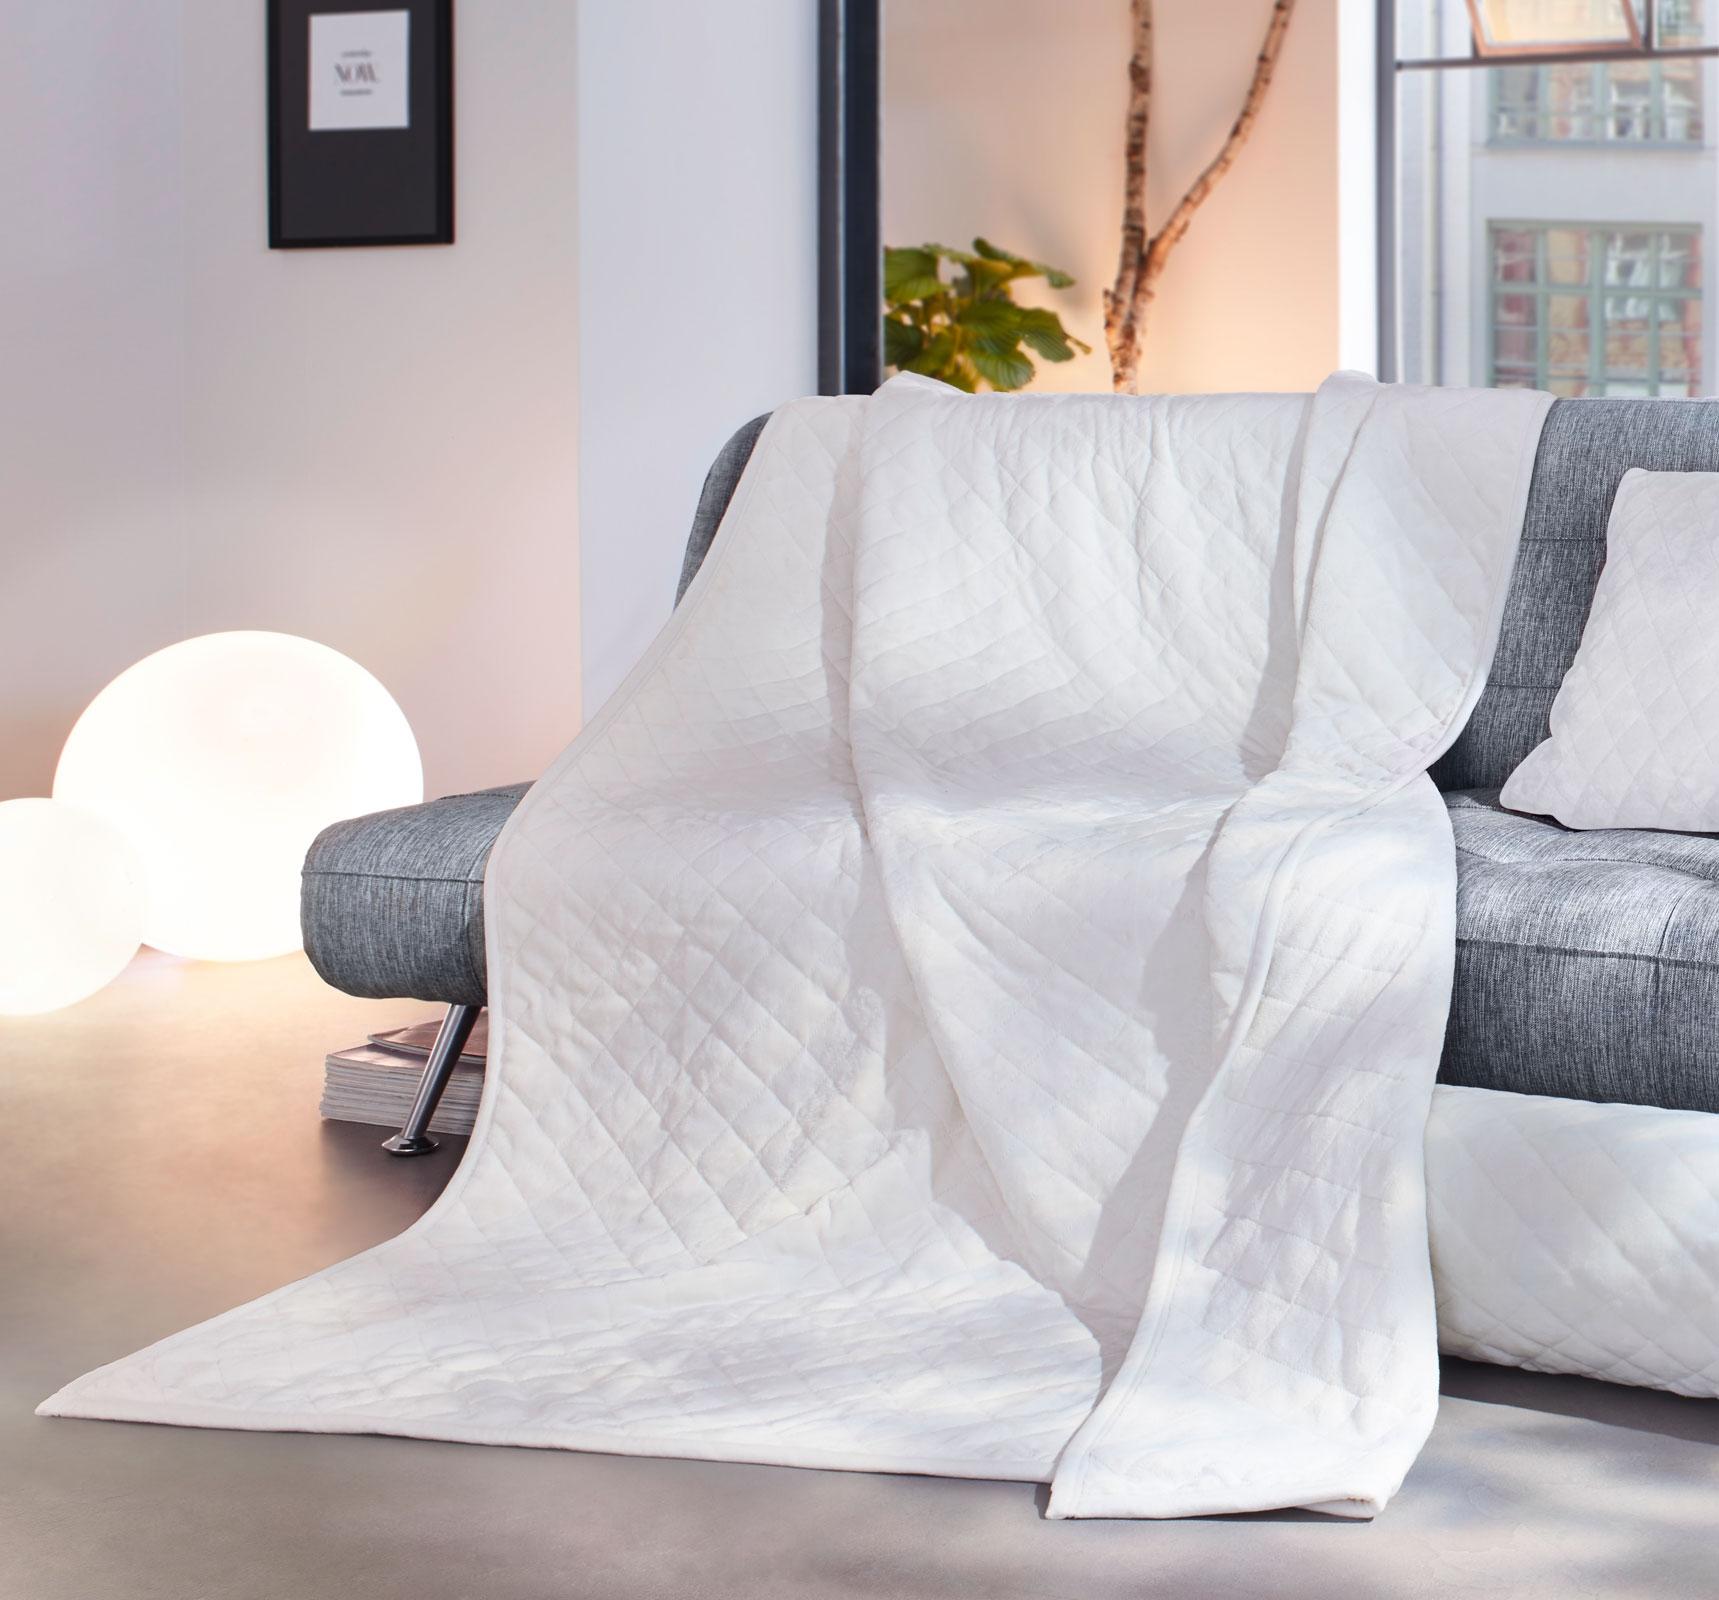 Wohndecken und Kissen - Gözze Wohndecke gesteppt 150x200 creme Duftset  - Onlineshop PremiumShop321